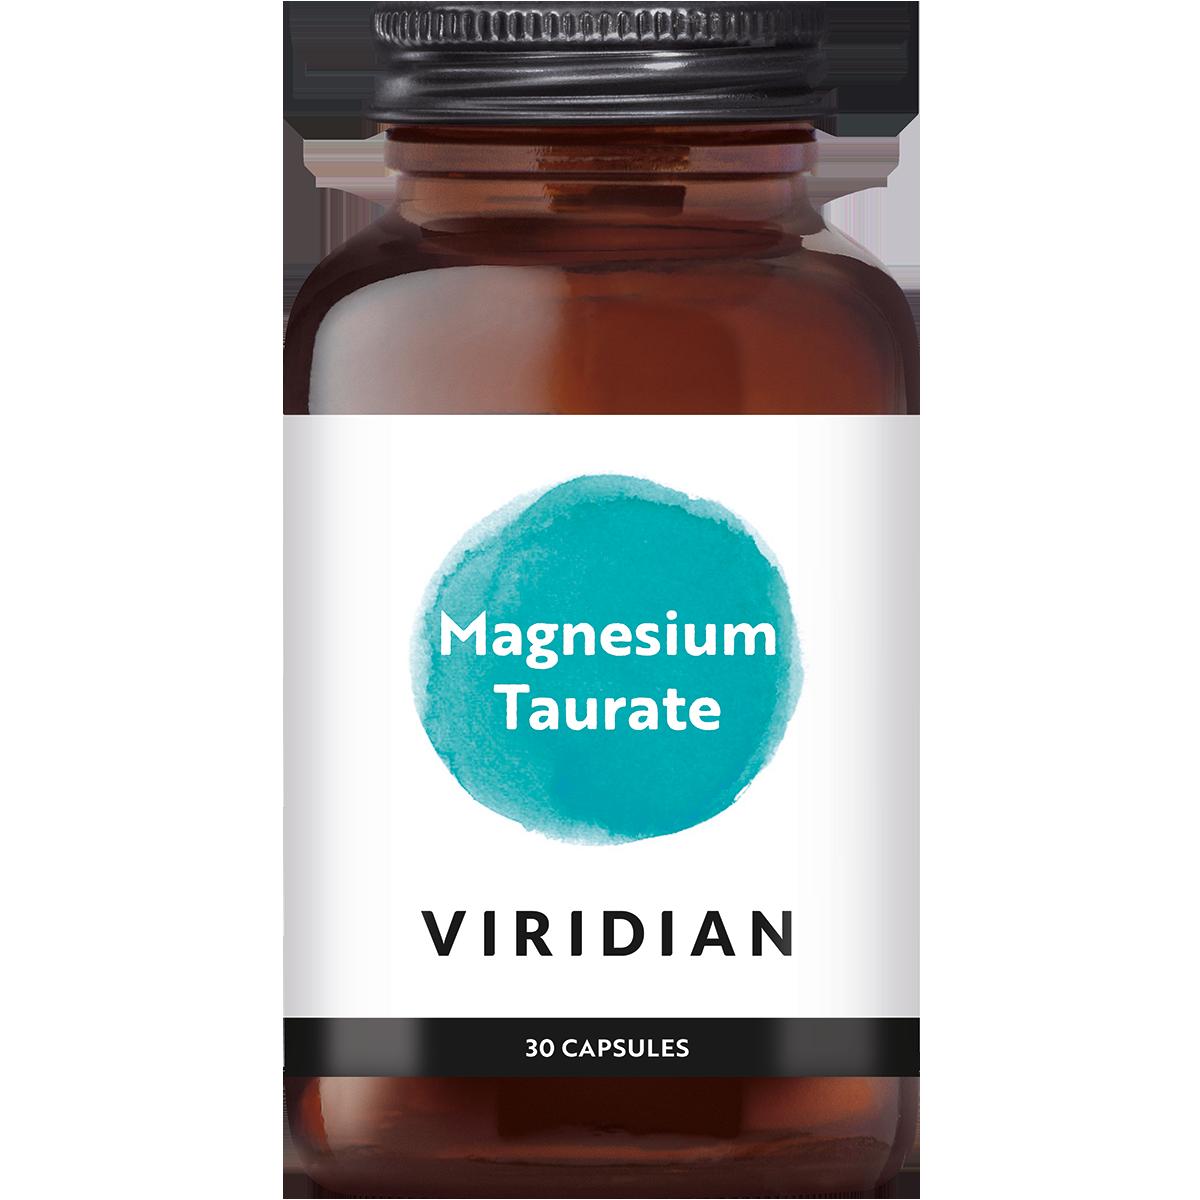 Magnesium Taurate